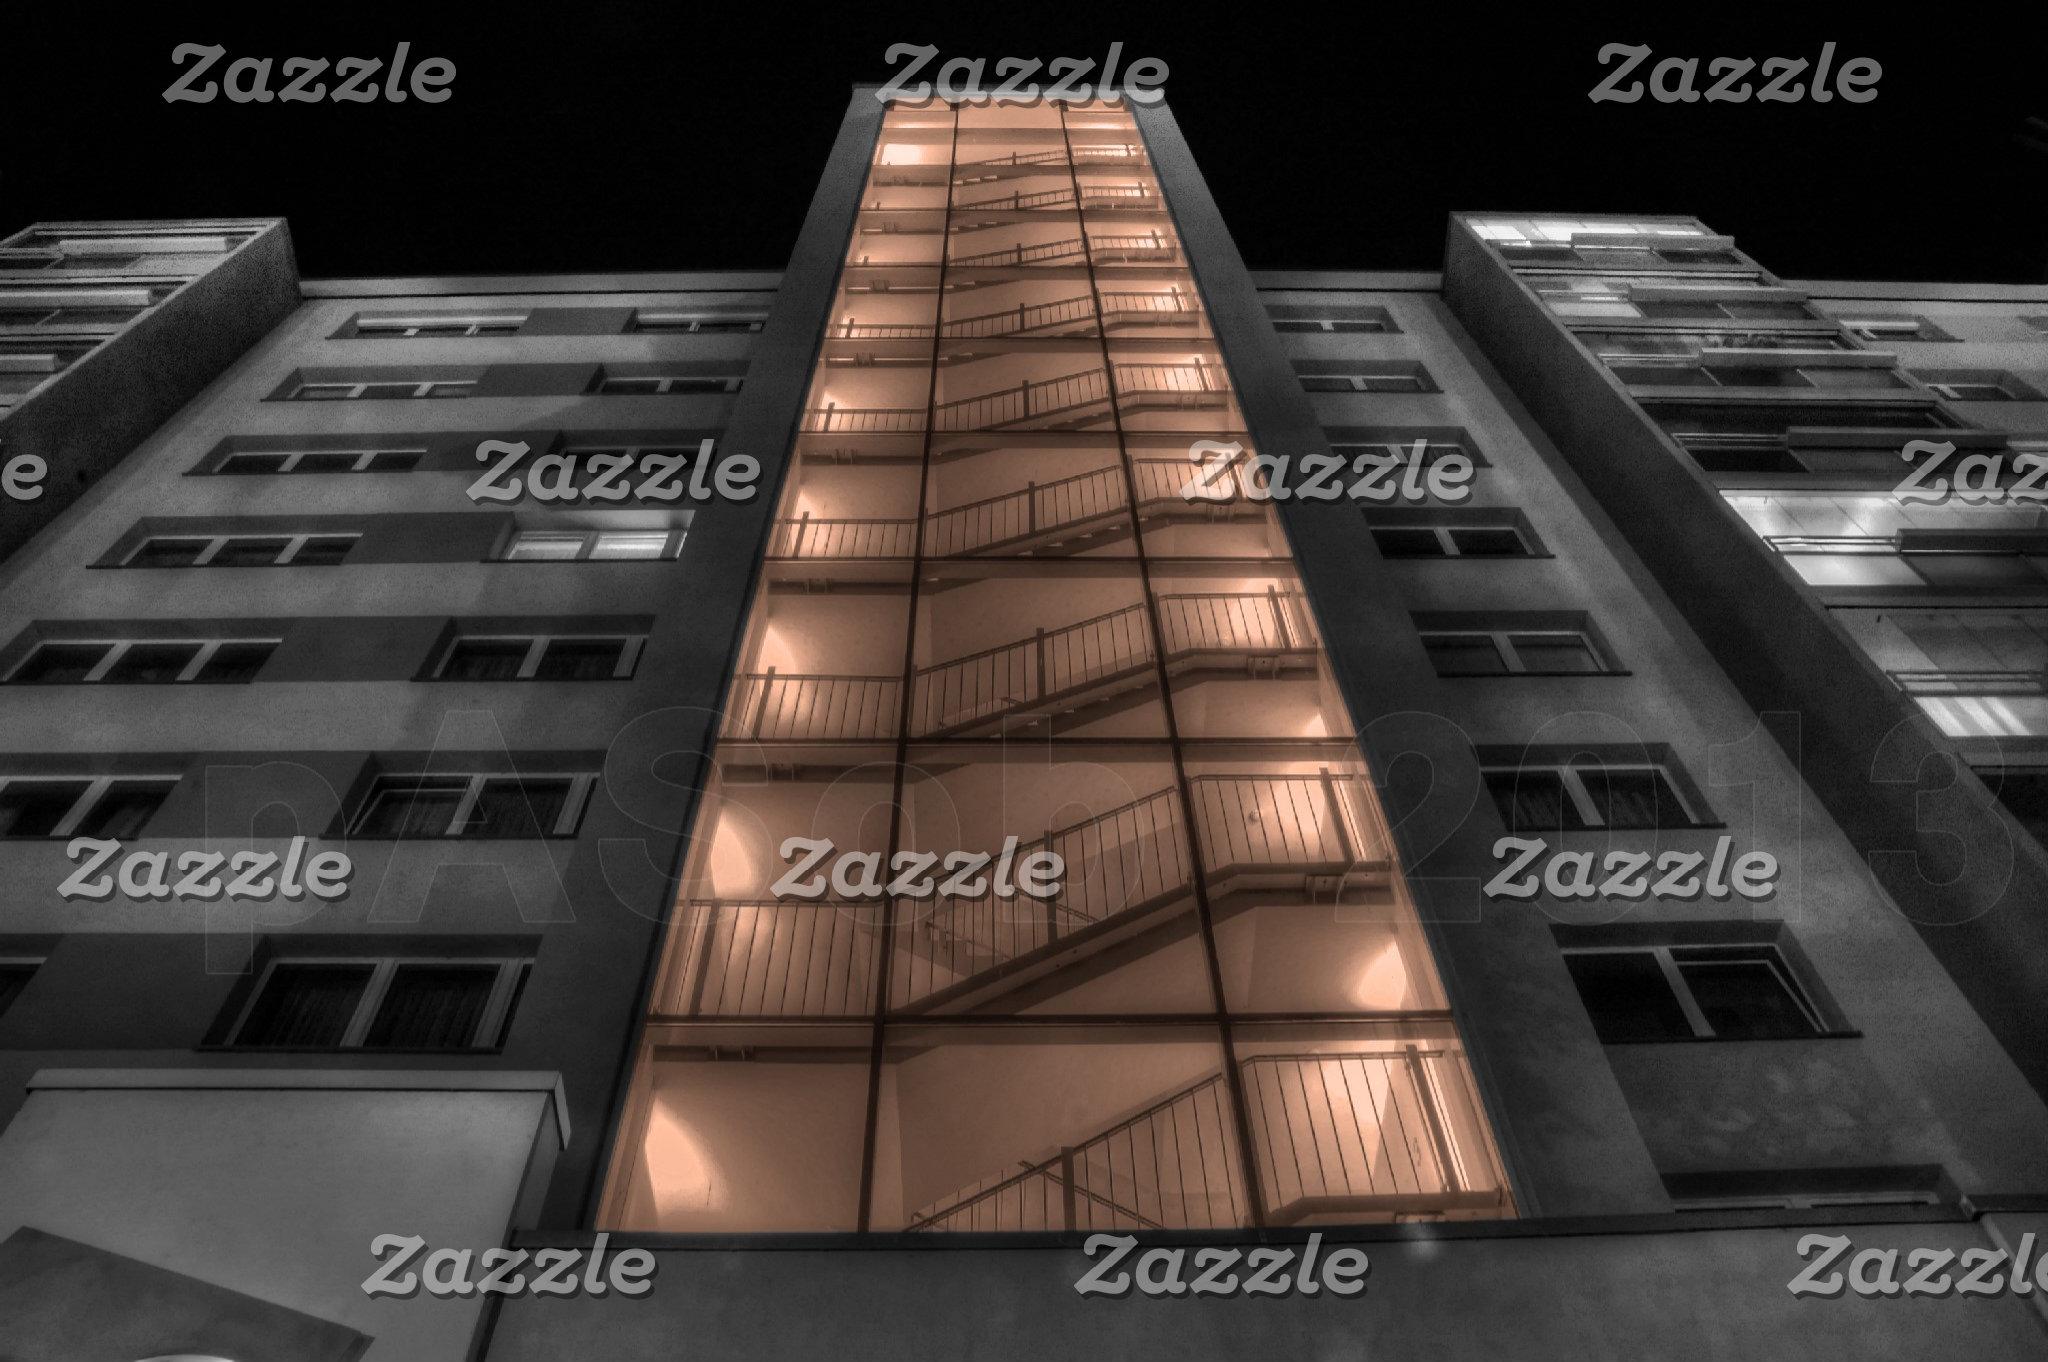 Architektur/architecture